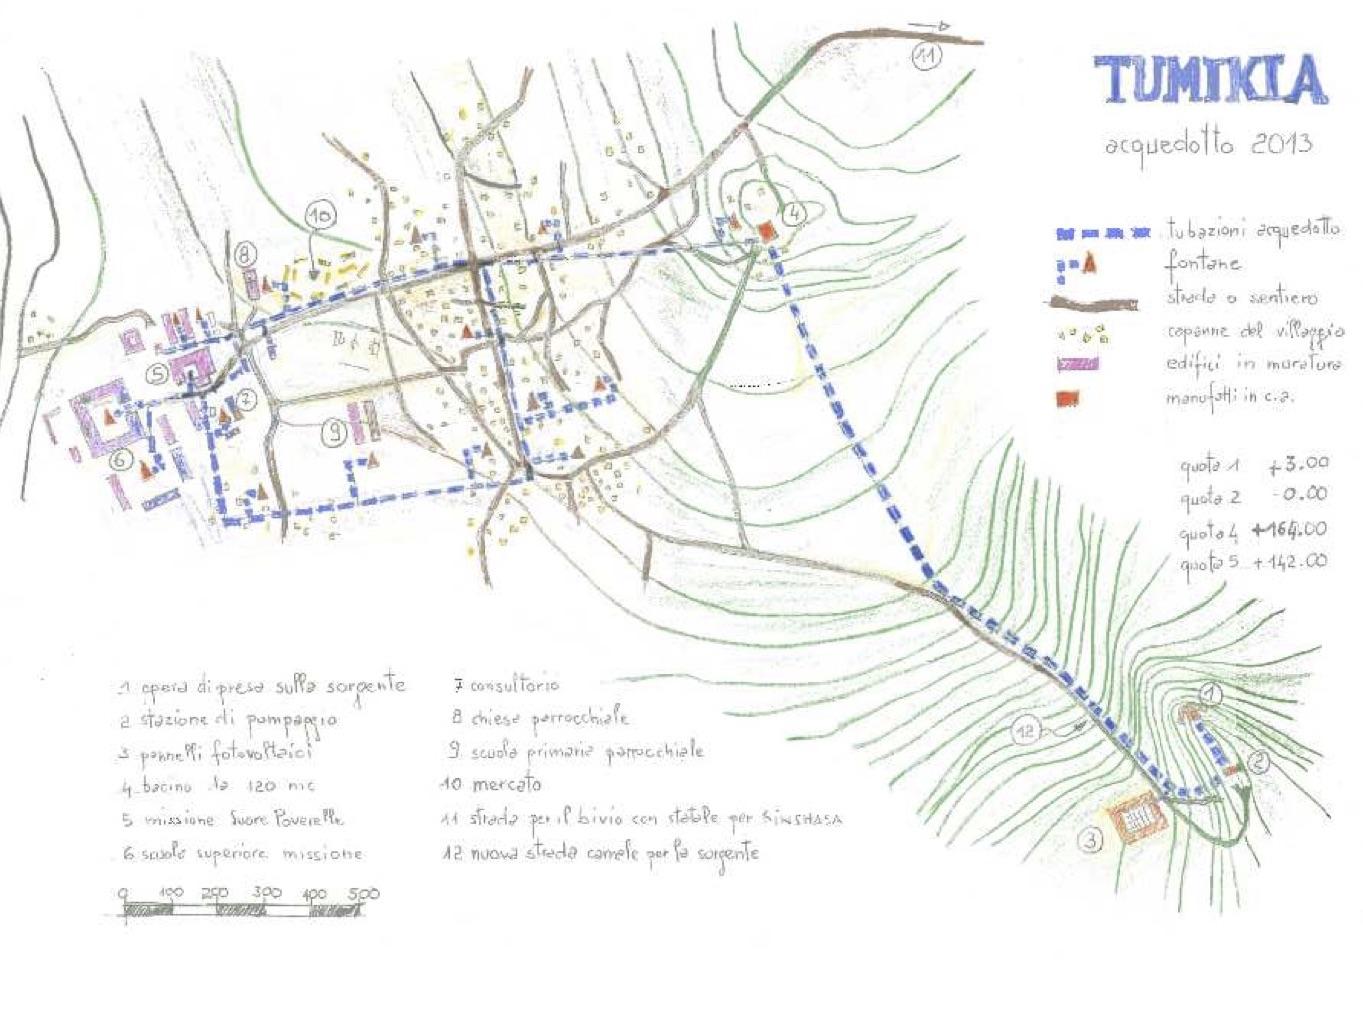 2017 09 02 progetto tumikia